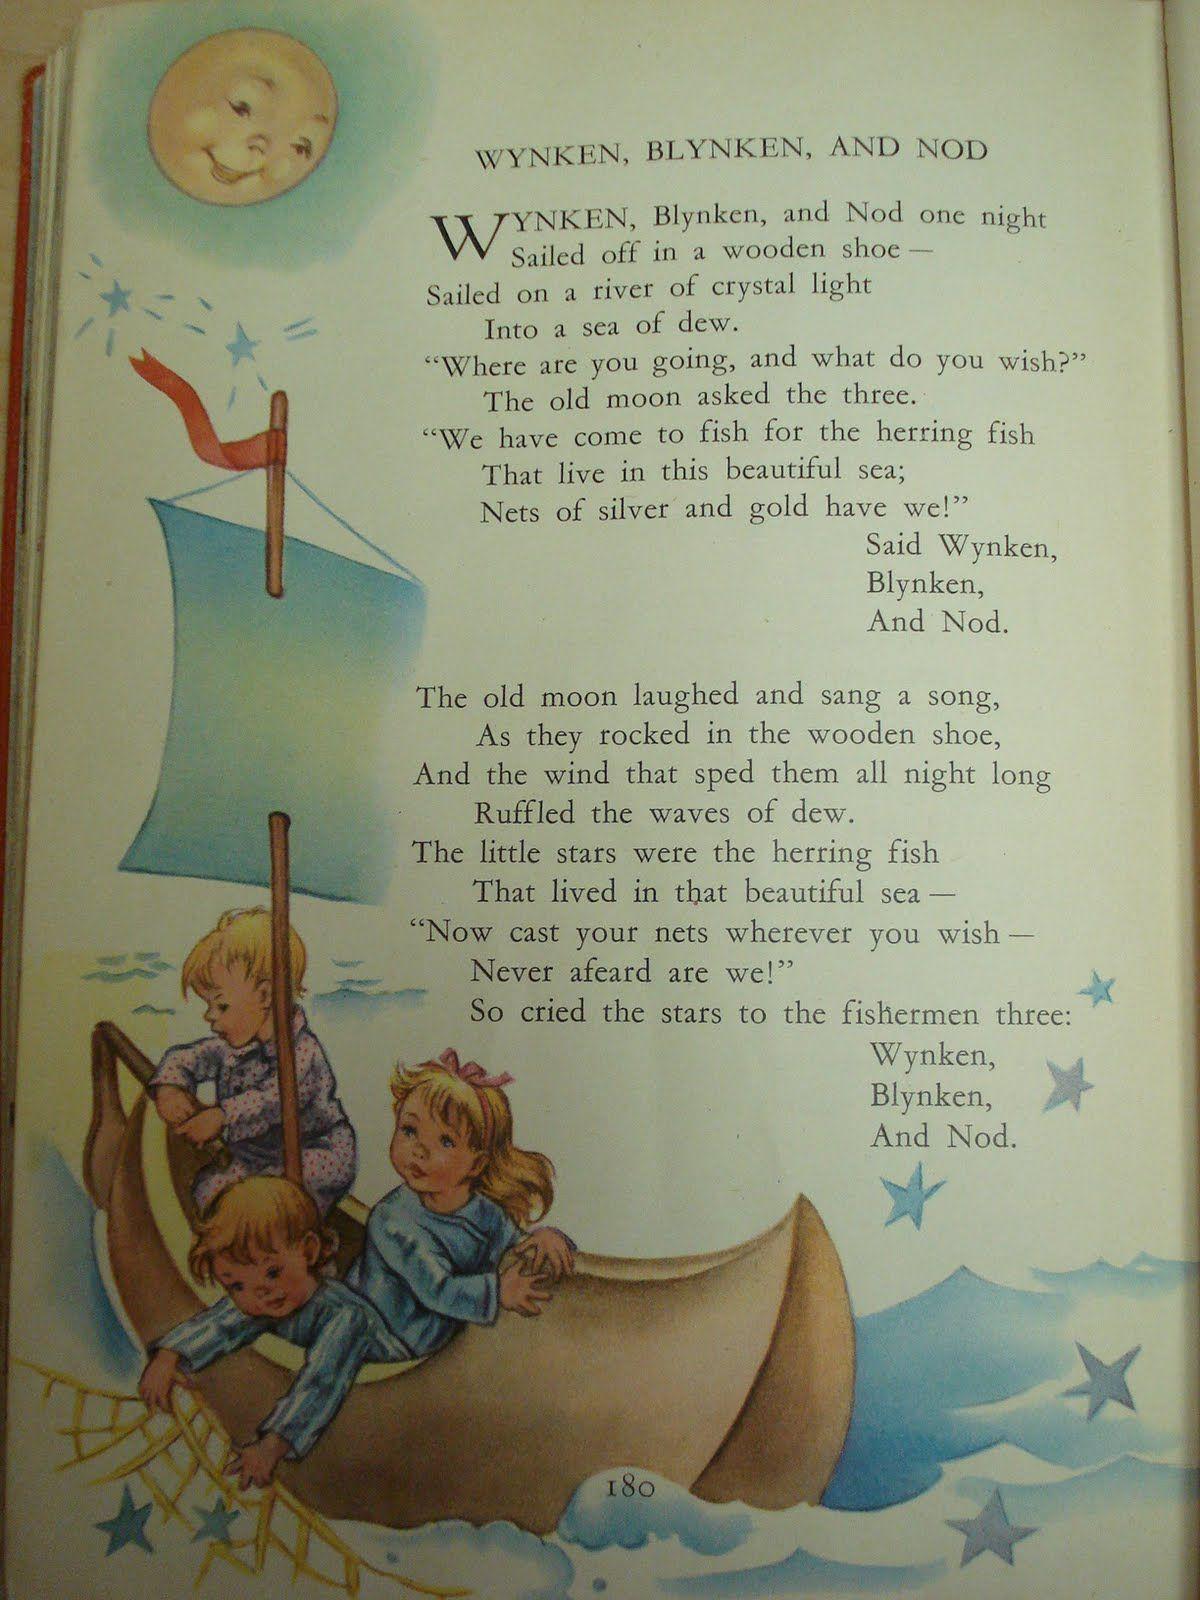 046 Jpg 1200 1600 Childrens Poems Nursery Rhymes Poems